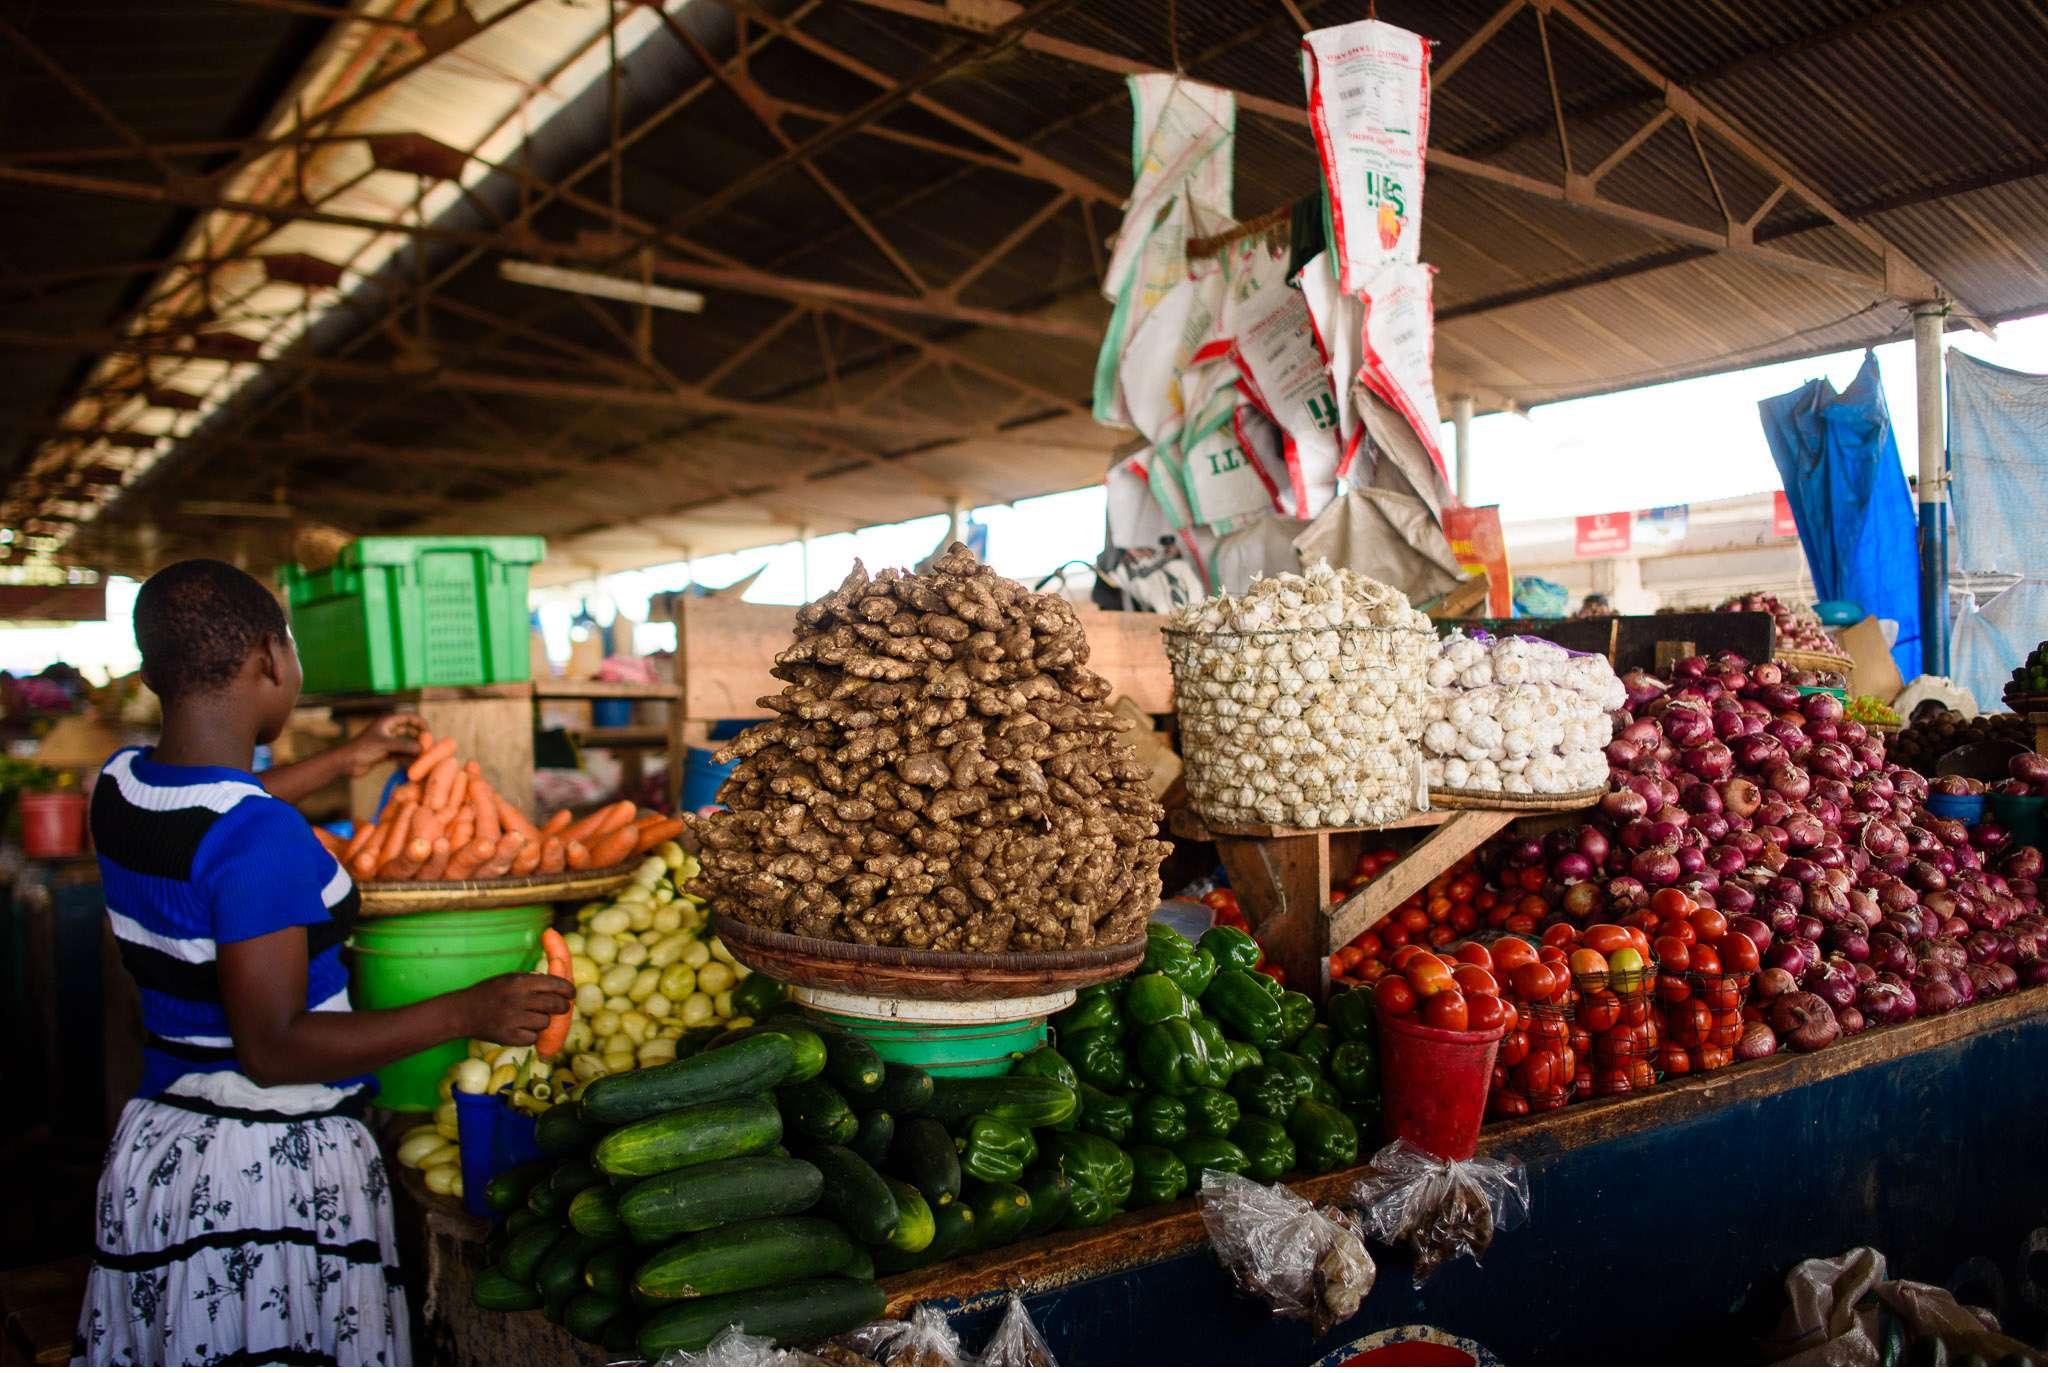 Malawi-Quer durch Afrika- Geschichten von unterwegs by Marion and Daniel-114